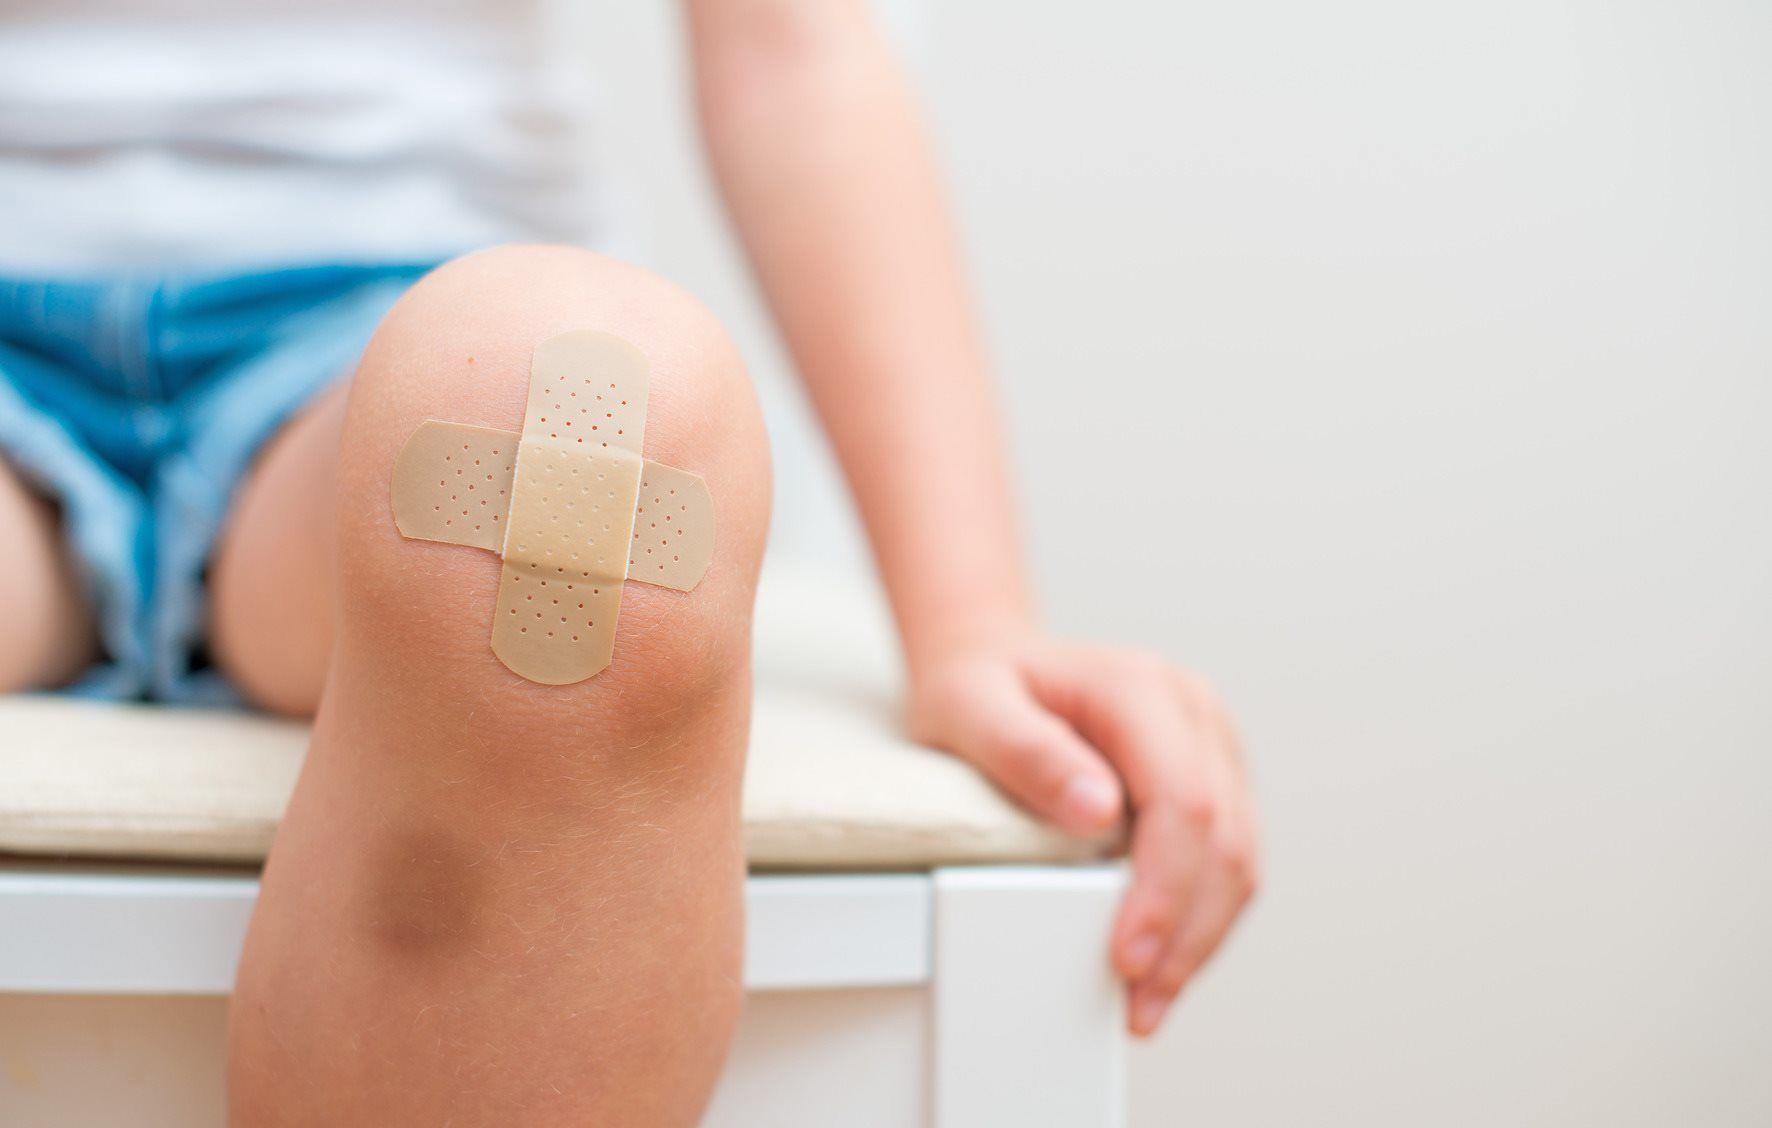 Hubungan kualitas tidur dengan penyembuhan luka pada penderita diabetes tipe-2